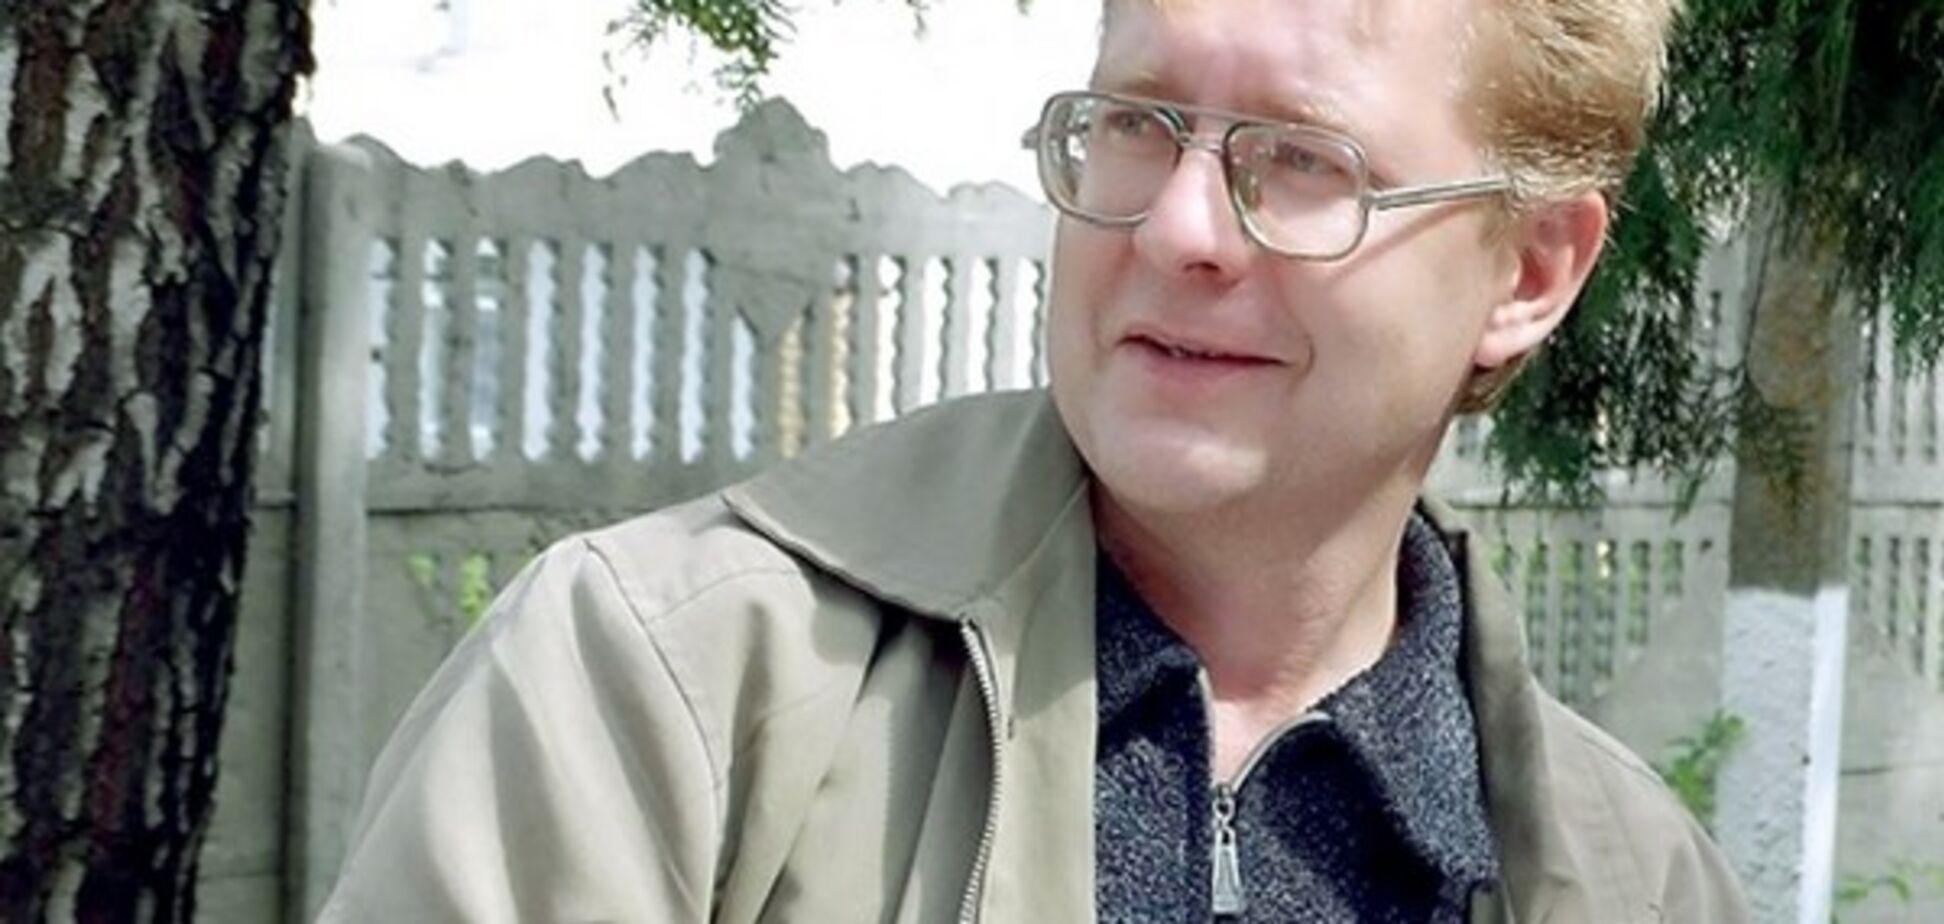 За пост у соцмережі: в Росії засудили вчителя, який підтримав Україну